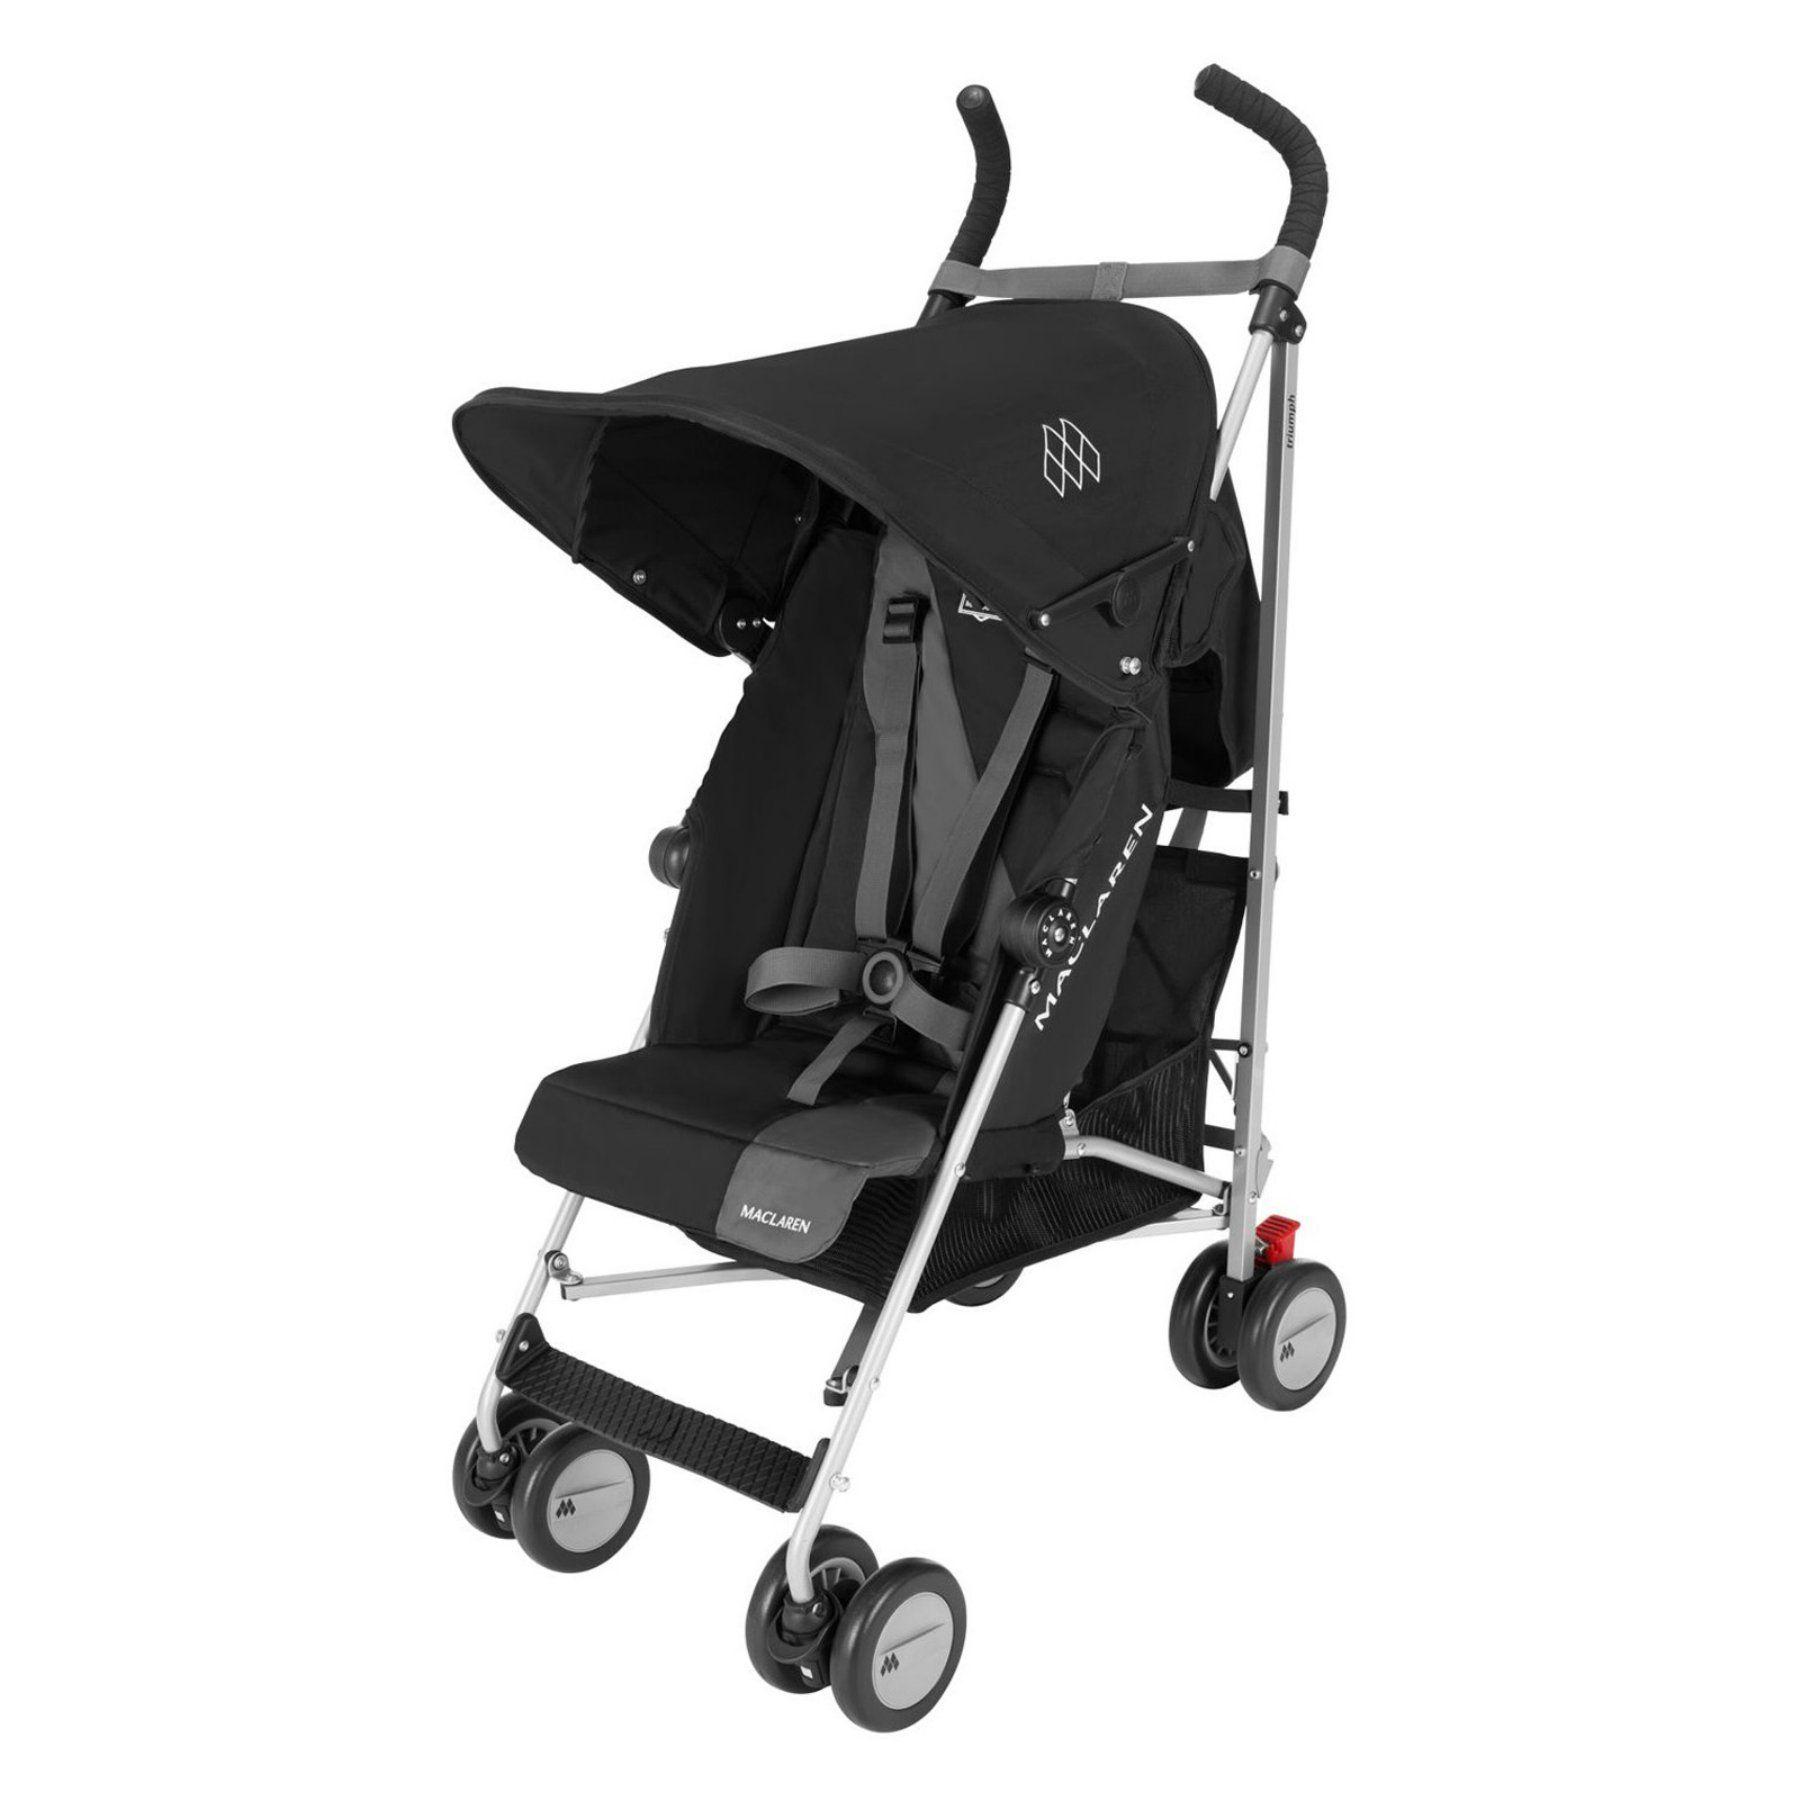 Maclaren Triumph Lightweight Stroller Black/Charcoal